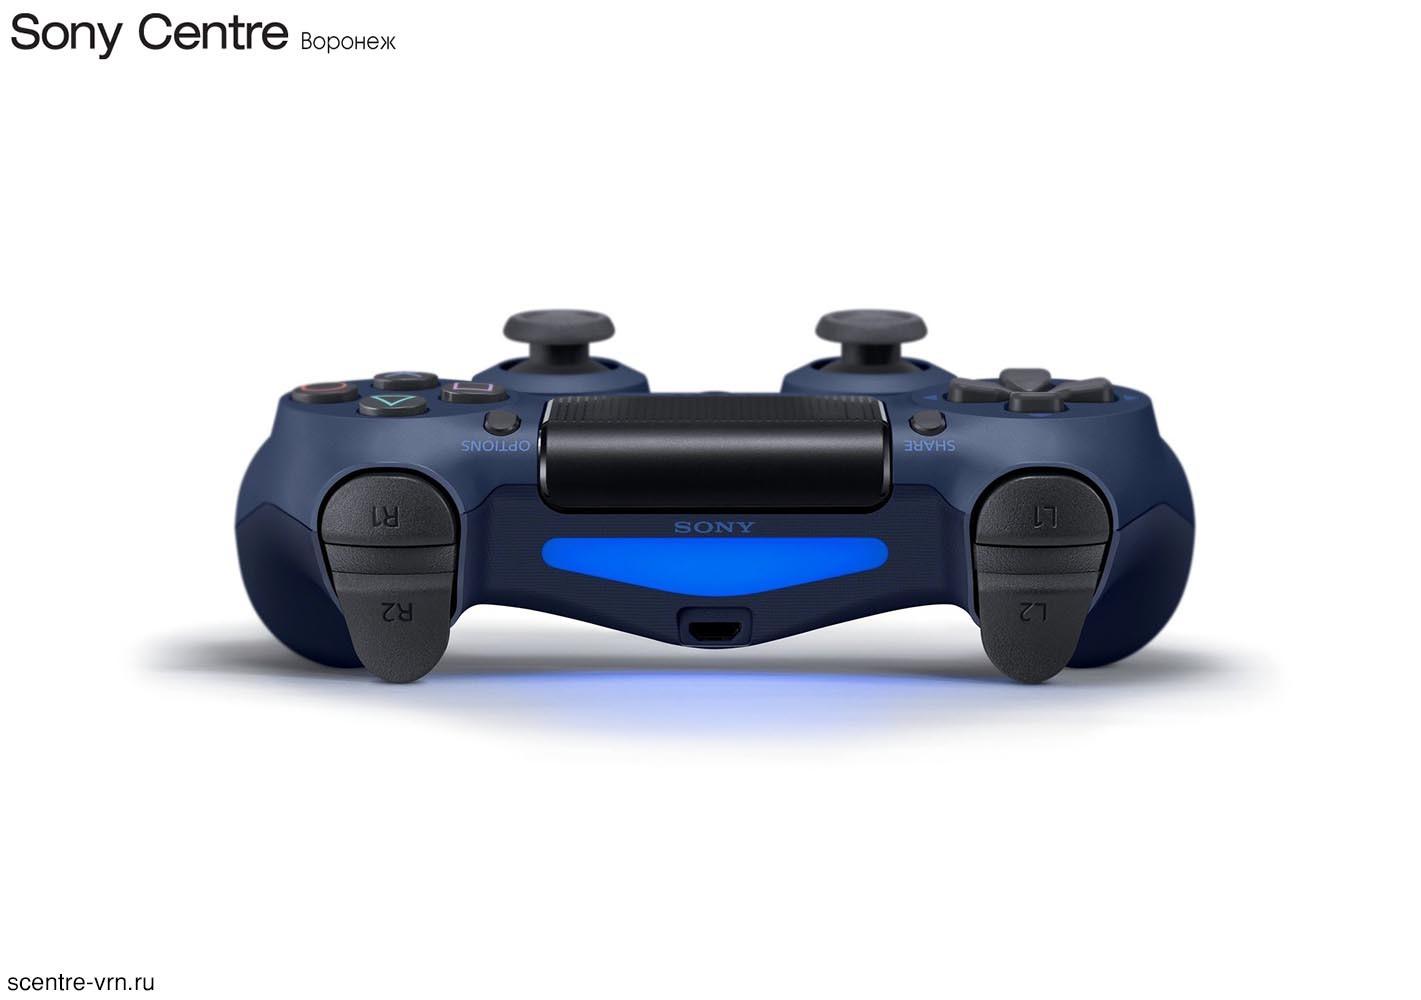 Dualshock 4 тёмно-синий купить в интернет-магазине Sony Centre Воронеж